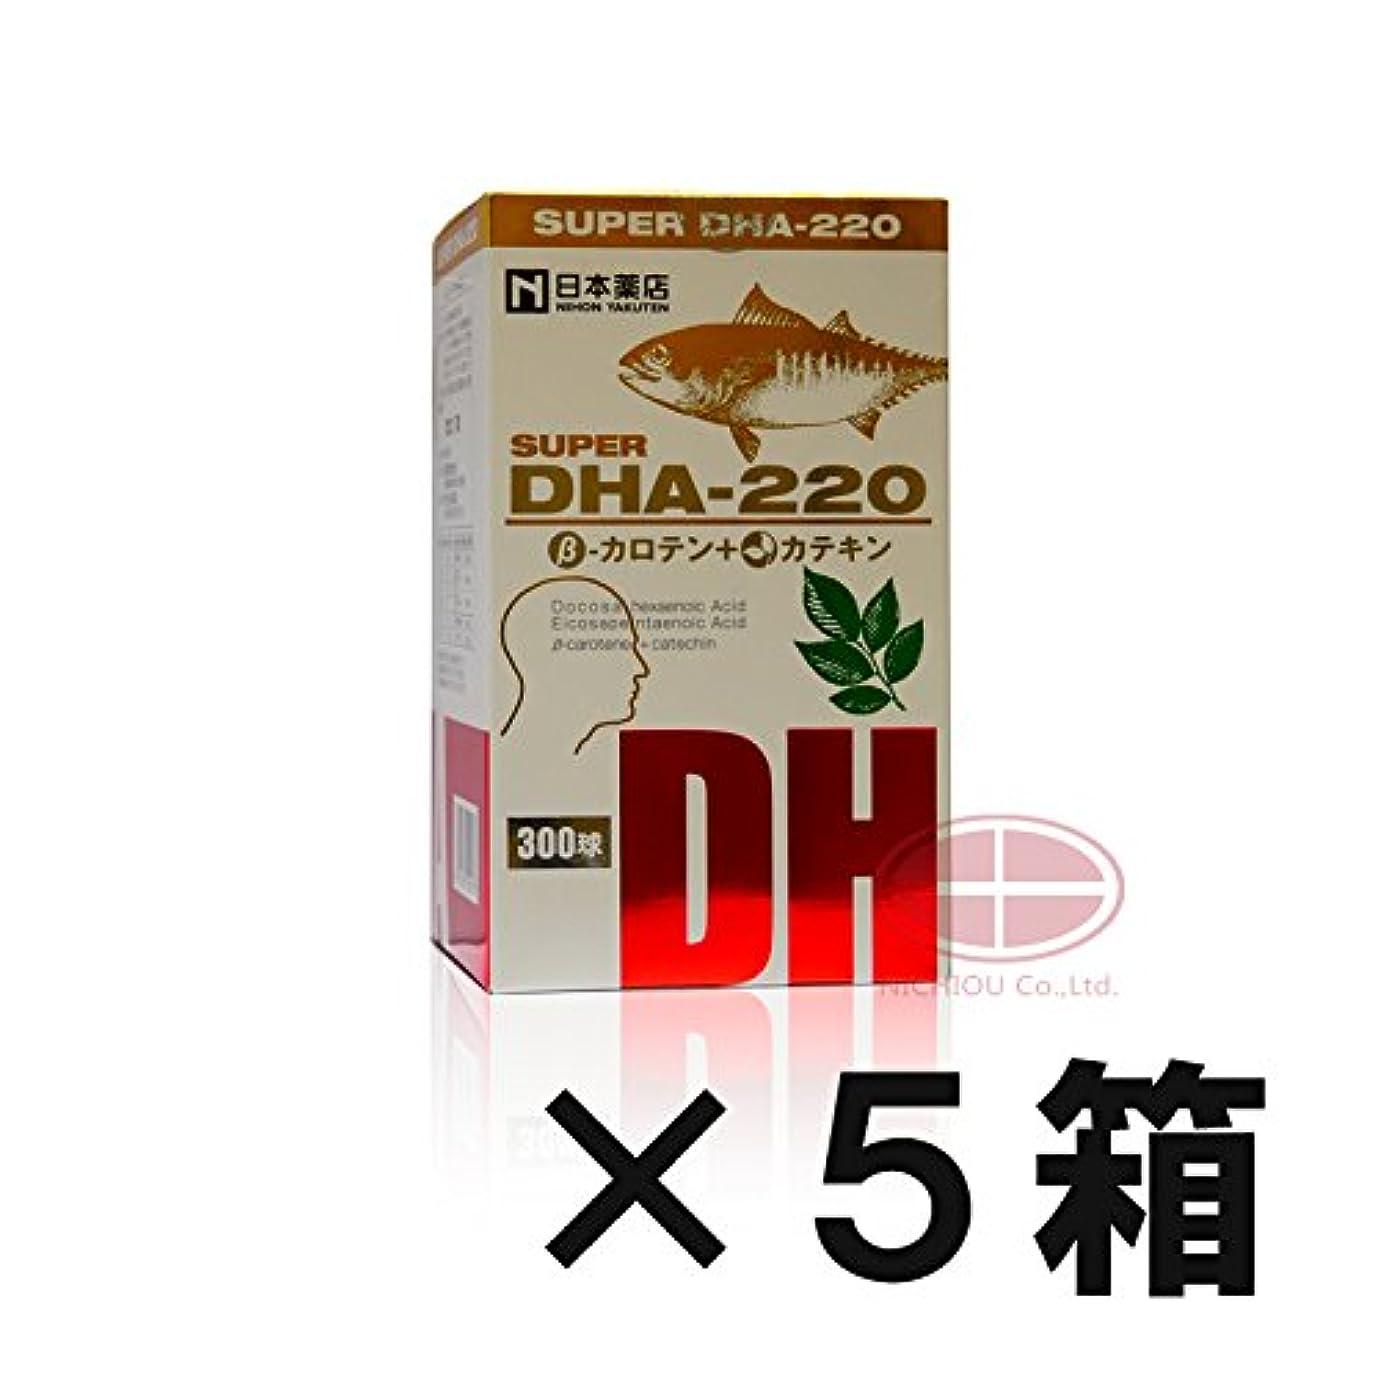 寛大なキャンディー誠実薬王製薬 スーパーDHA220 βカロテン+カテキン 300粒 (5)